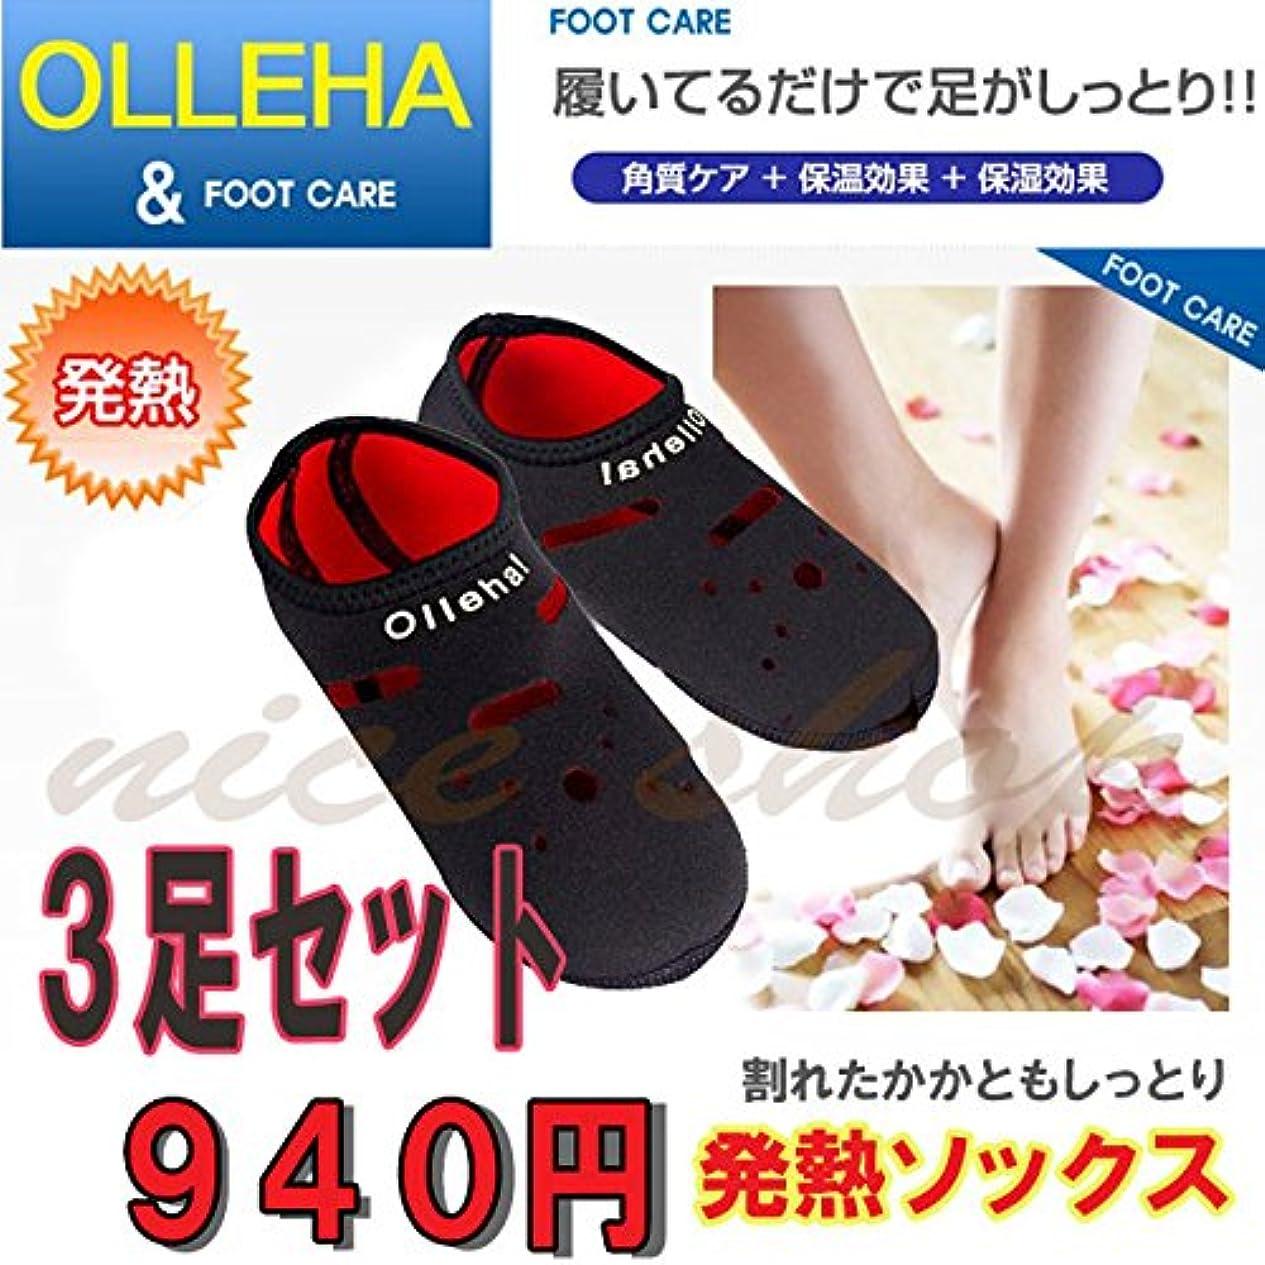 管理おいしい雄弁な発熱靴下(足袋)発熱ソックス3足セット、フットケアー Olleha! (M(23.0~24.5))